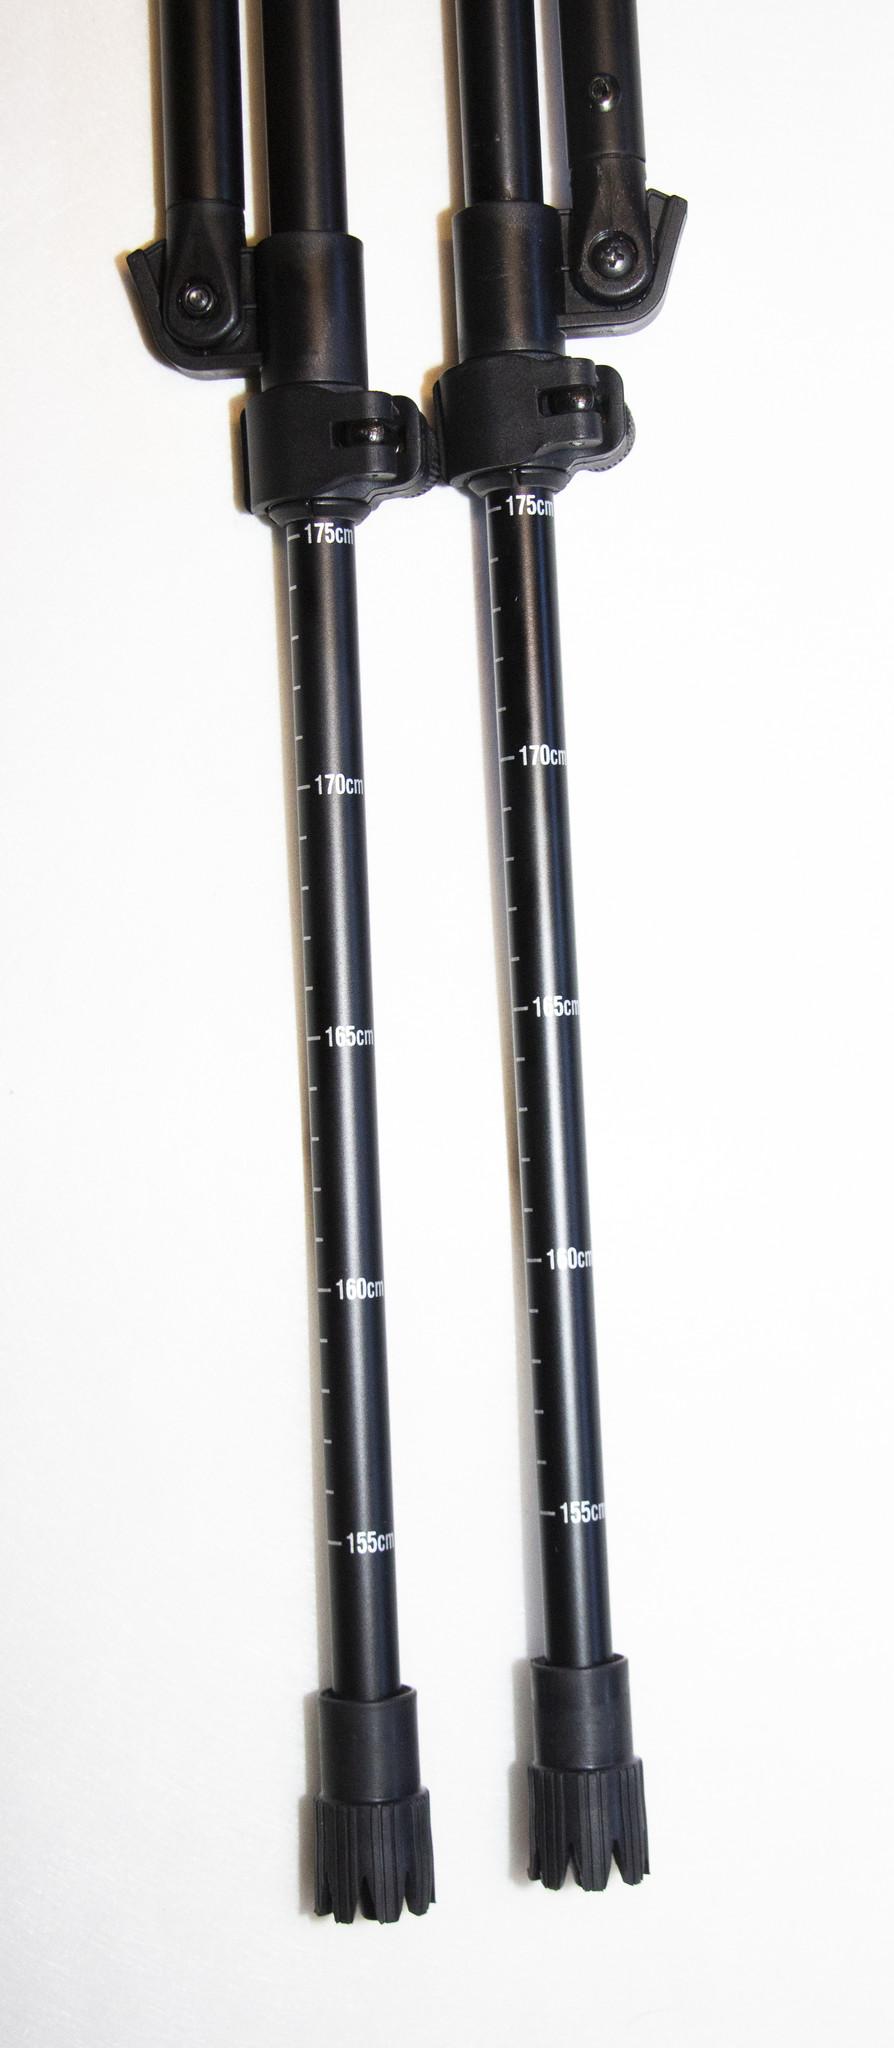 Mjoelner Schießstock 4-Beine Fenris I, Traveller, Schwarz